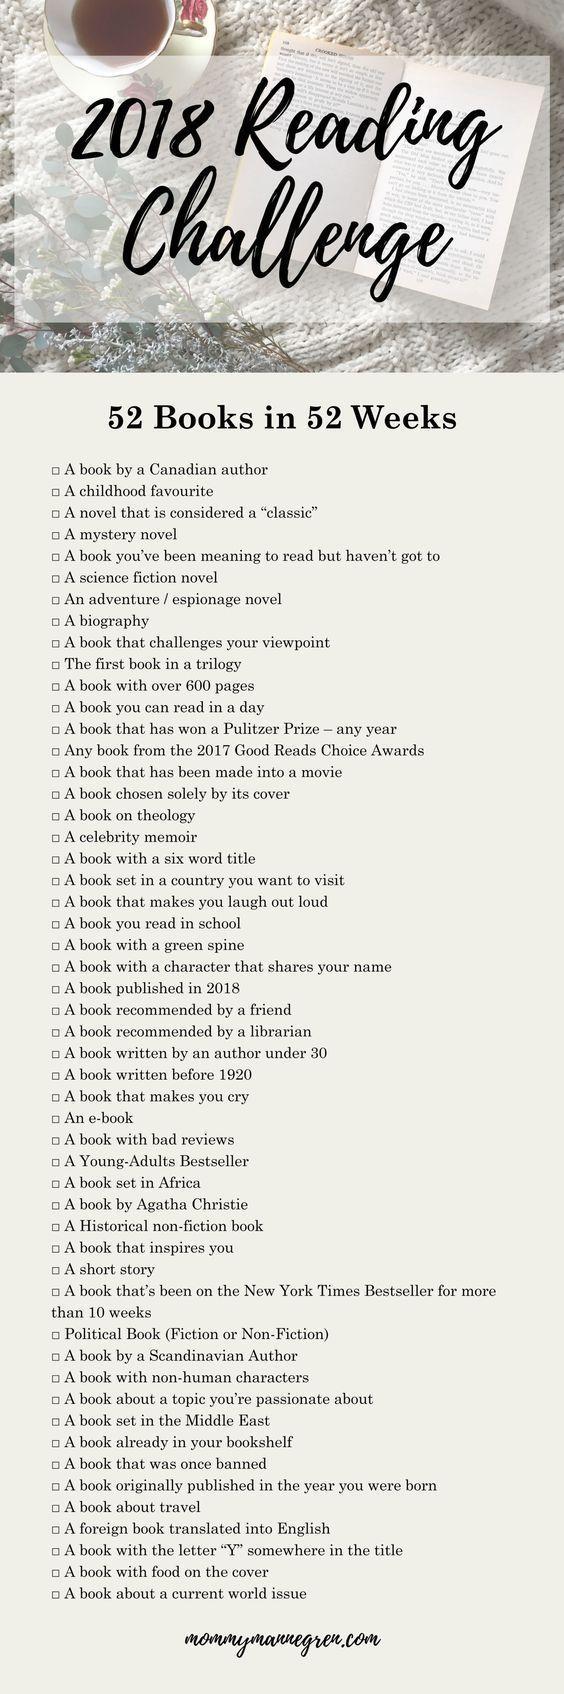 2018 Reading Challenge + KOSTENLOSER DRUCK